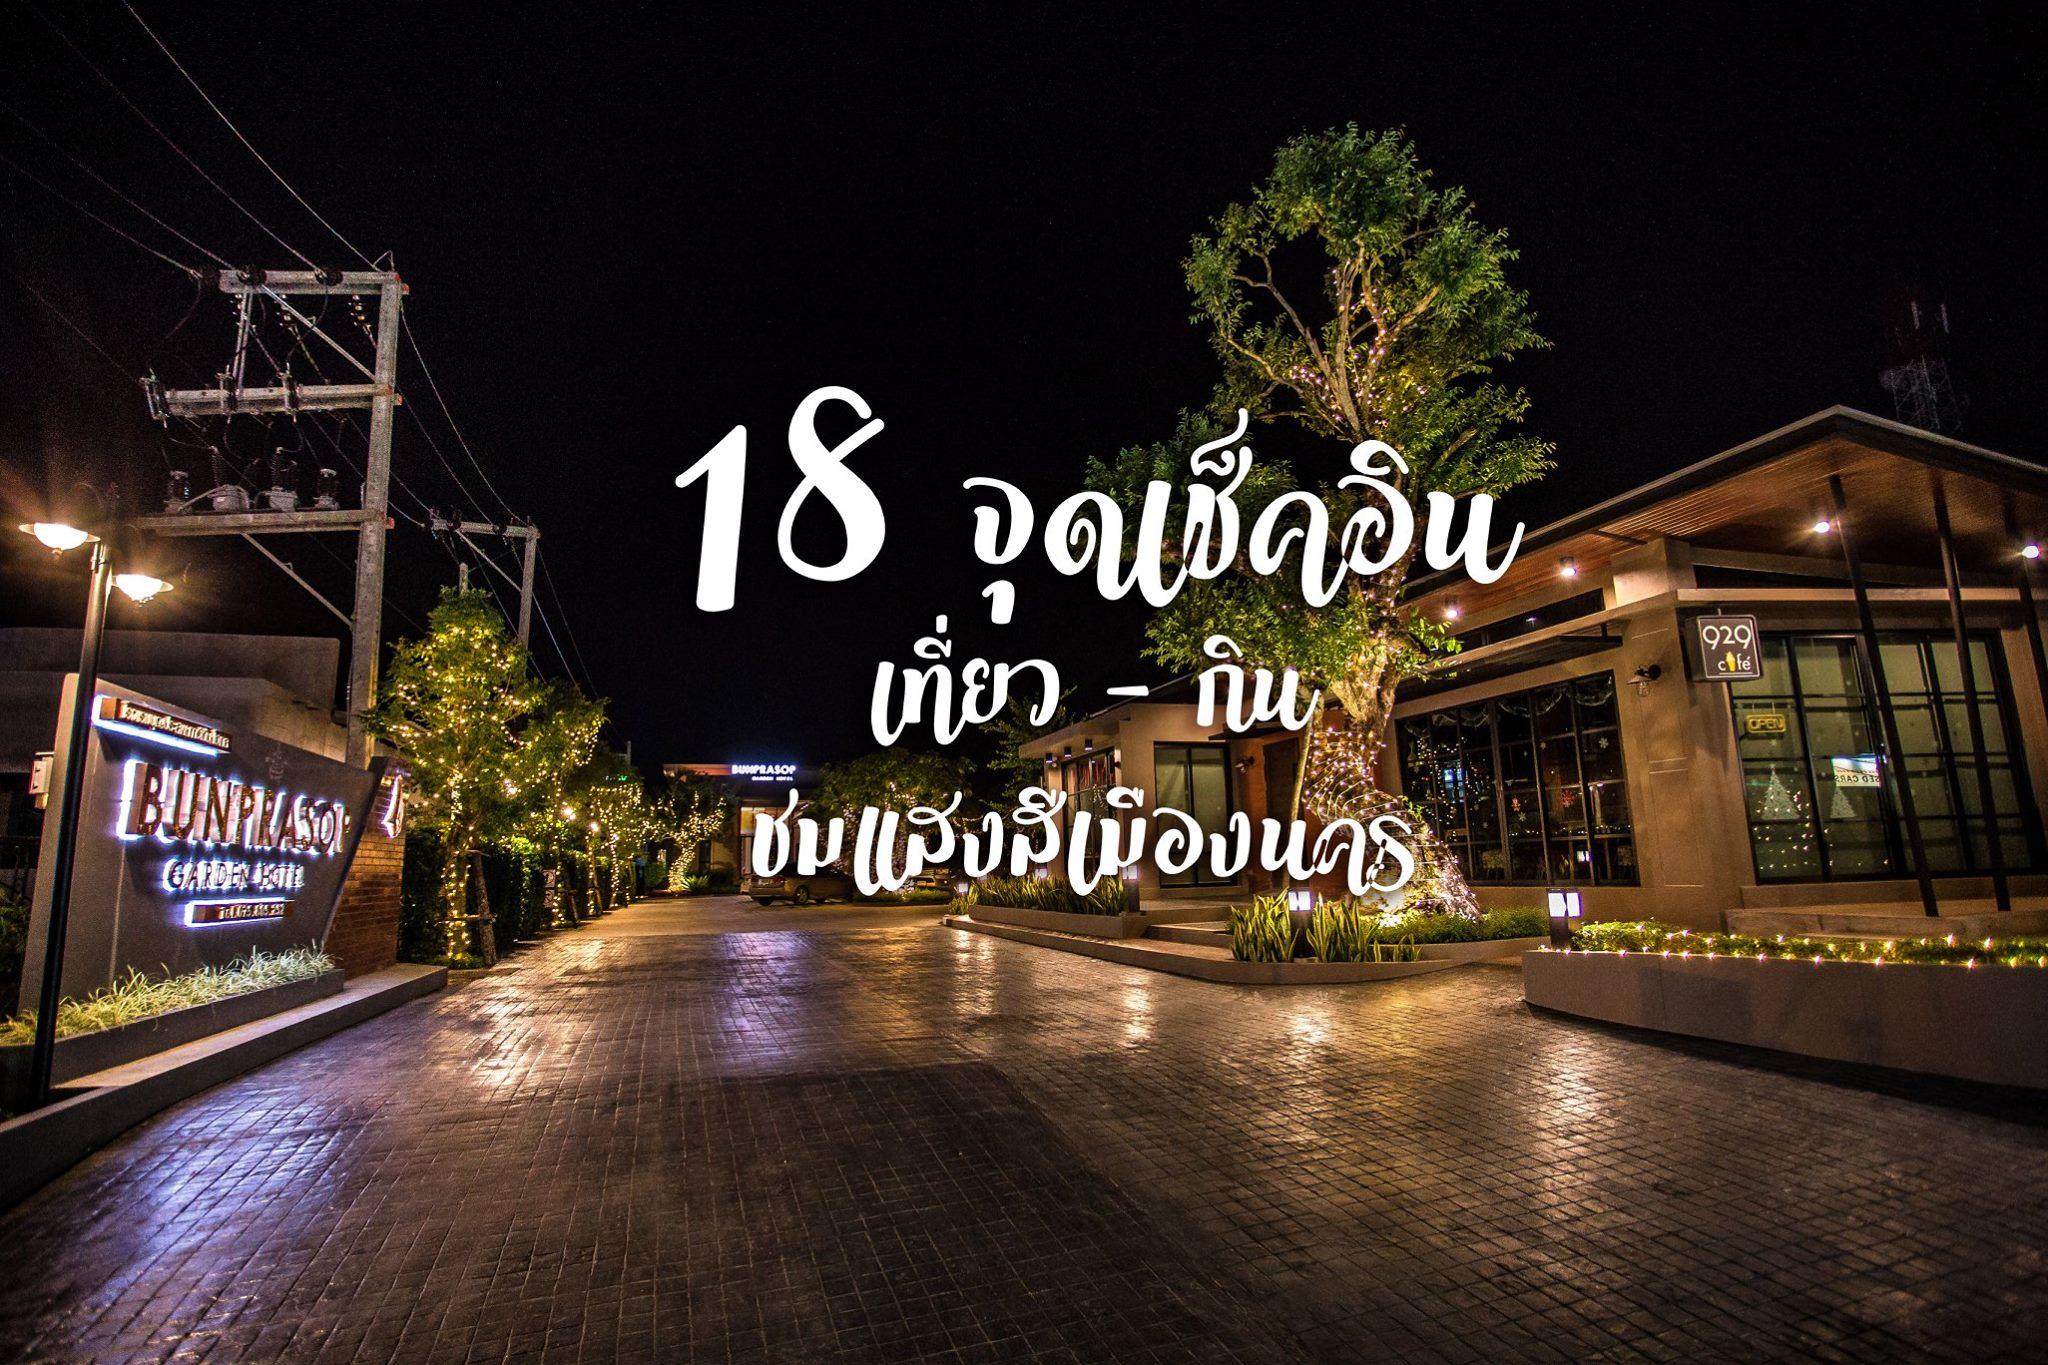 18 ร้านสวยกลางคืน นครศรีธรรมราช เที่ยว-กิน ชมแสงสีเมืองคอน